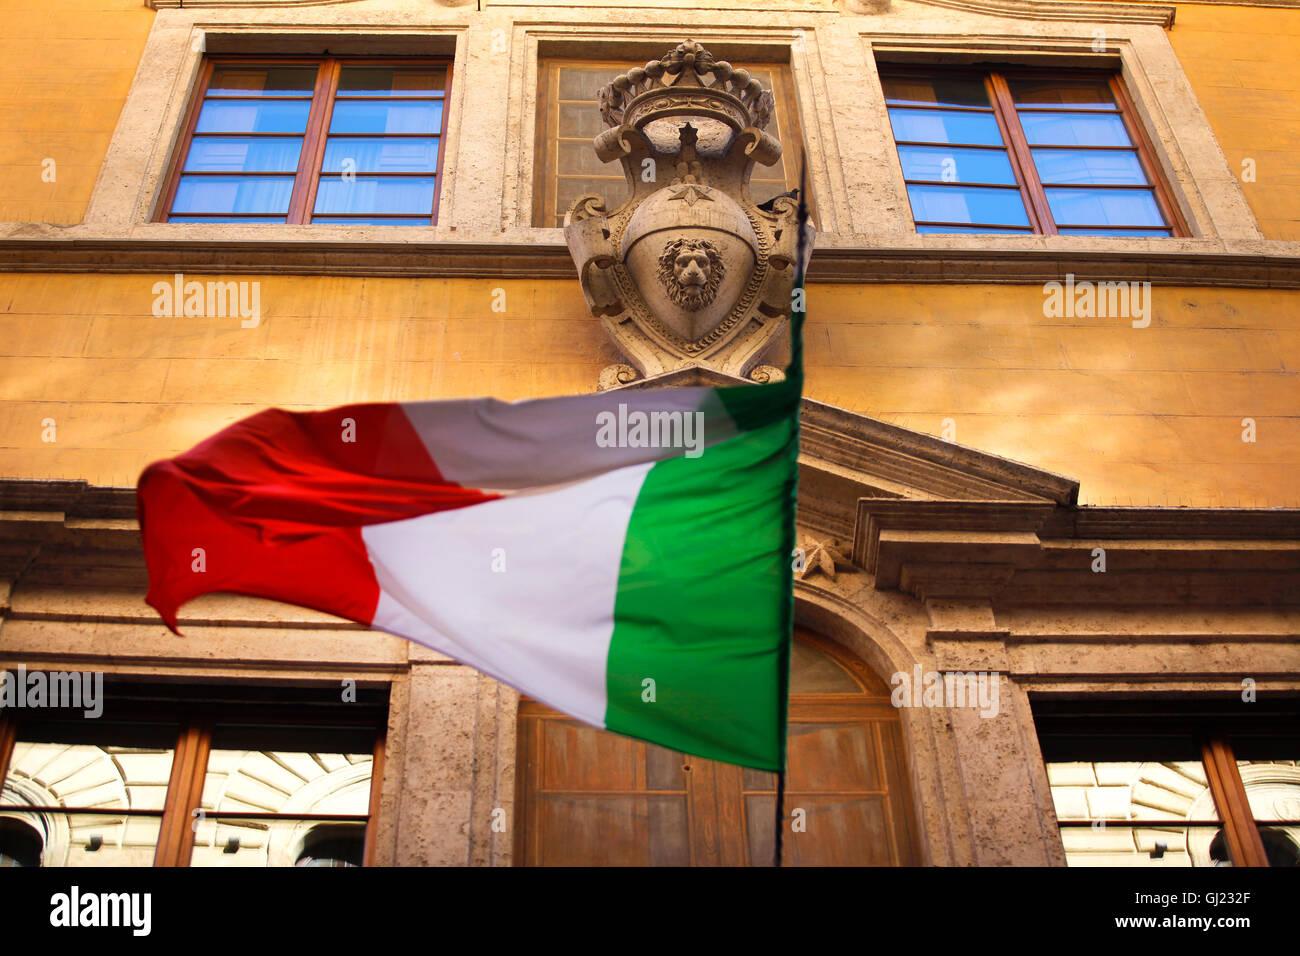 Bandiera Italiana volare sulla Via Banchi di Sopra a Siena, Italia. Immagini Stock